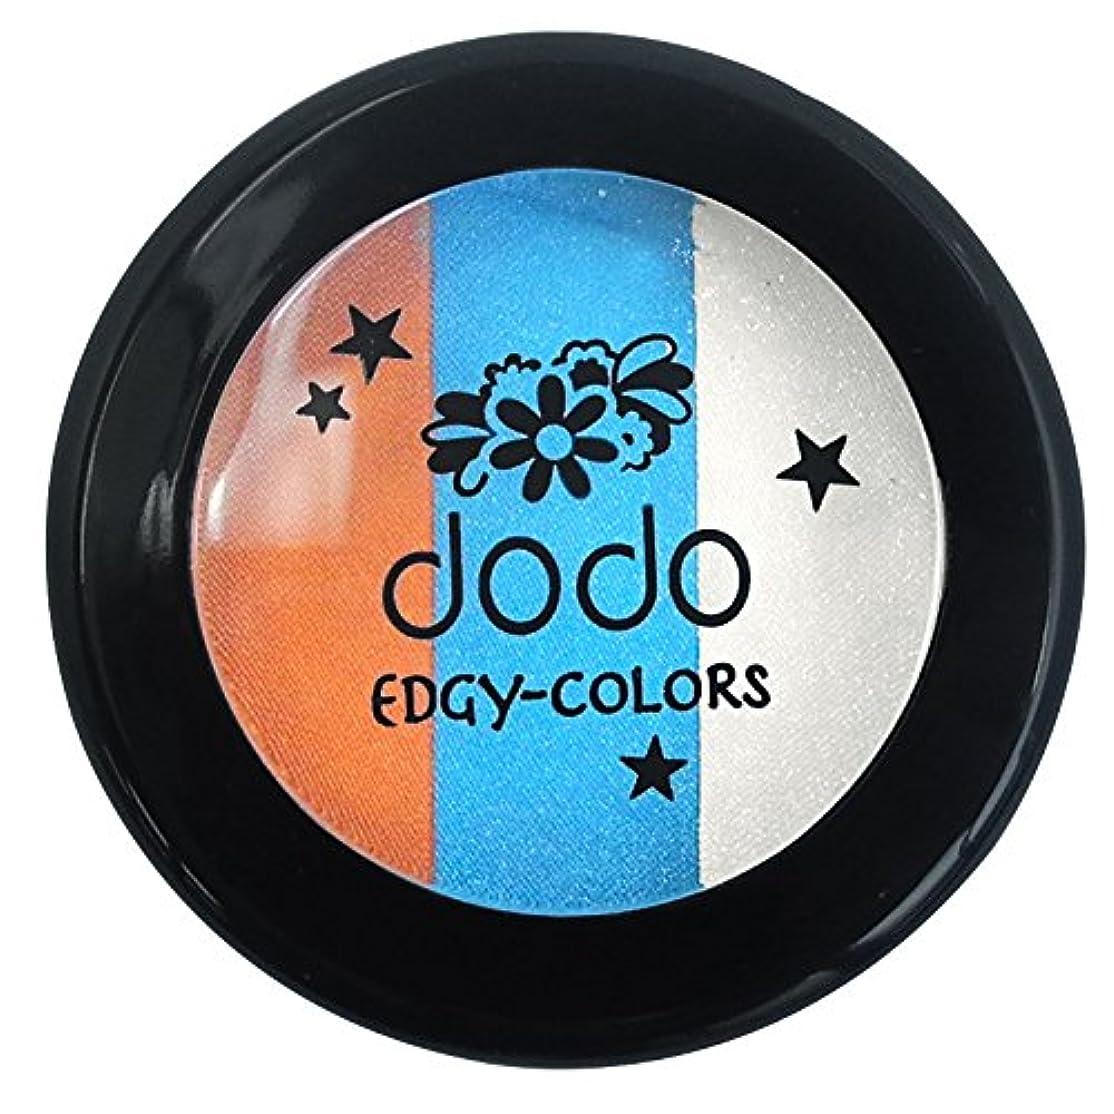 ウミウシアイロニー復活するドド エッジィカラーズ EC60ピーコックブルー